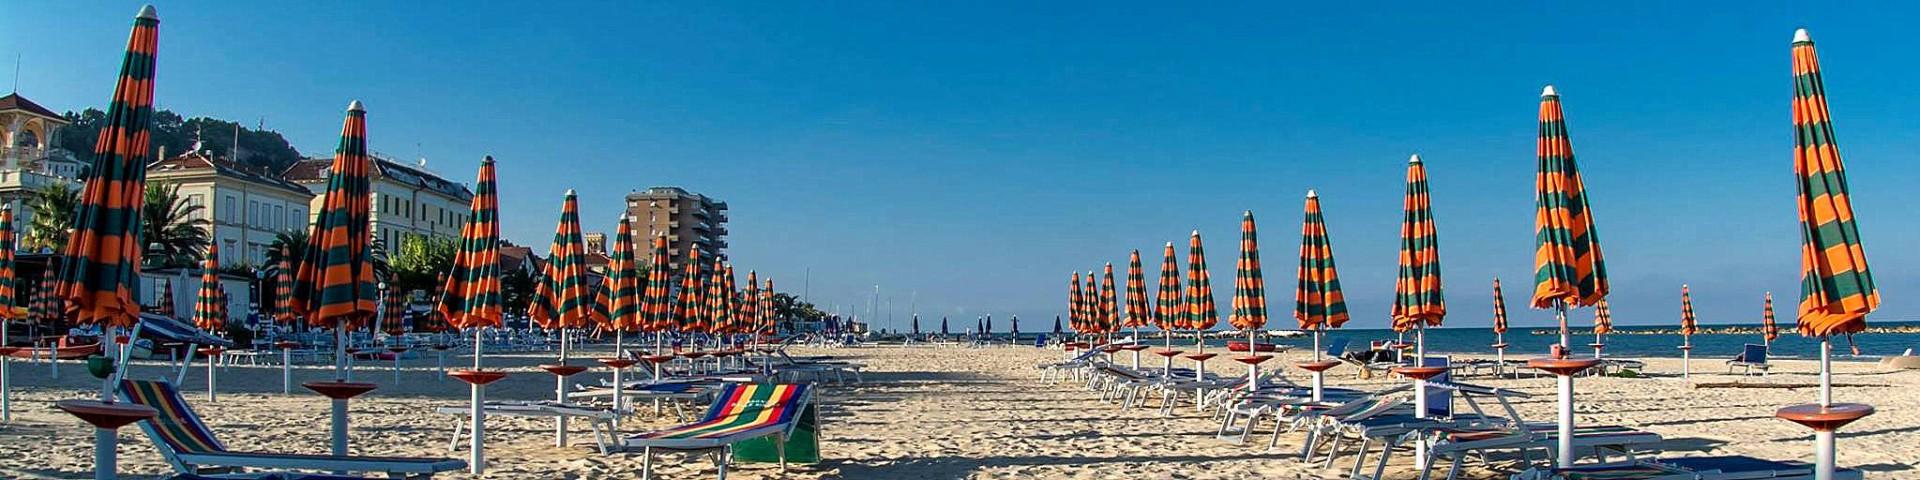 V Cupra Marittima jsou písčité pláže